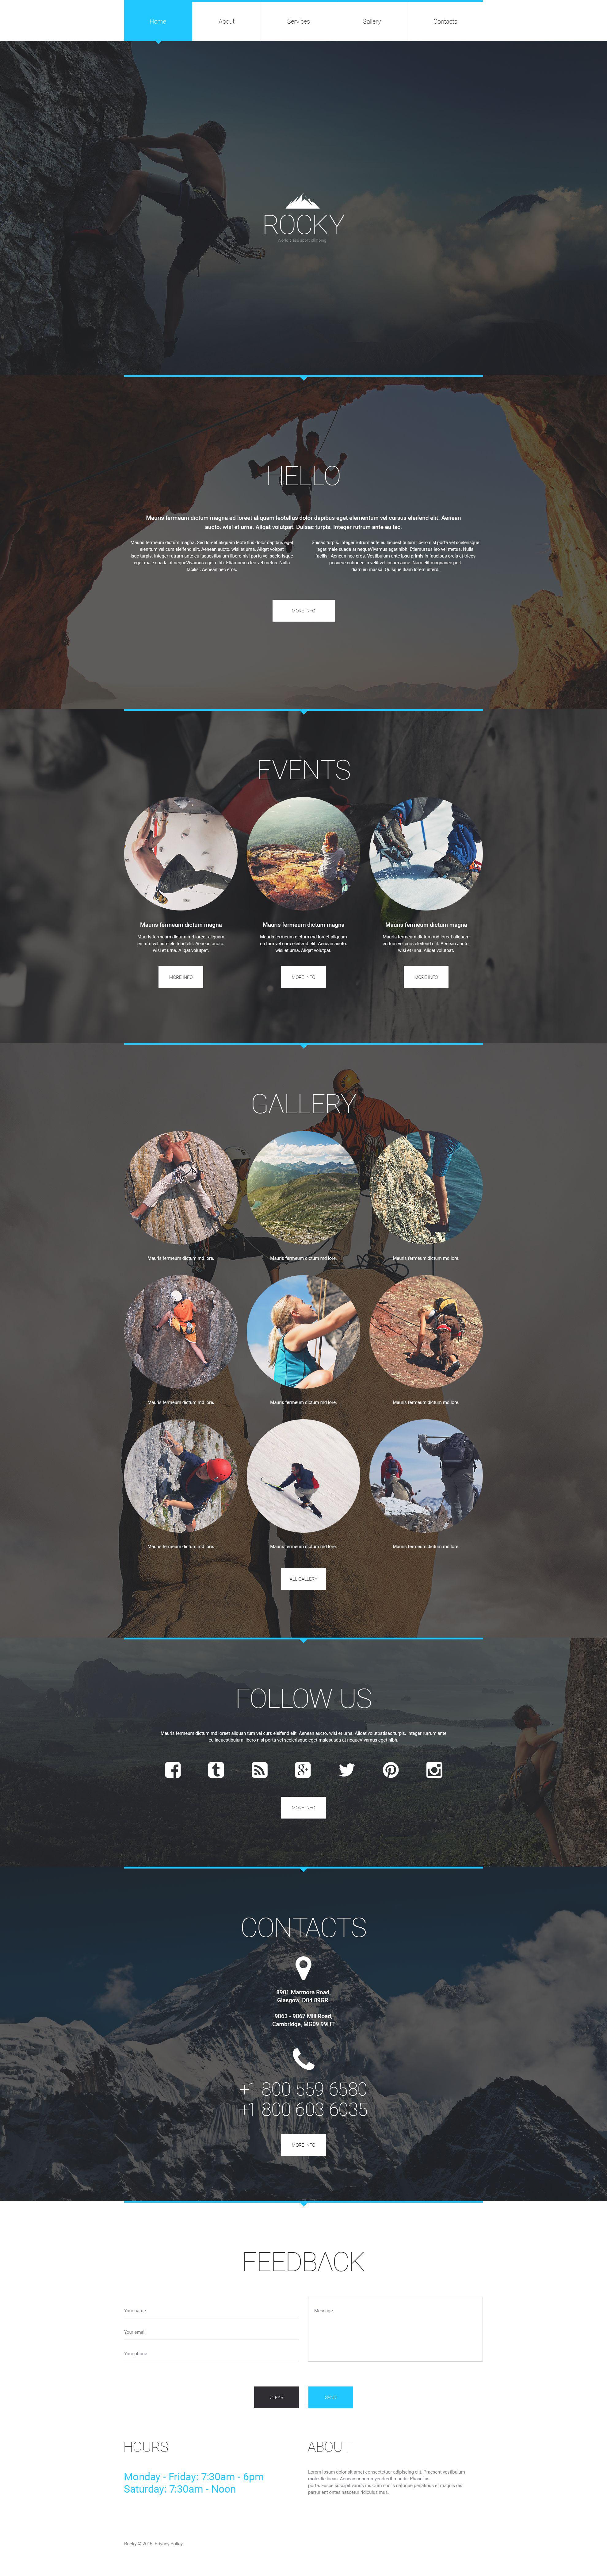 Climbing Responsive Website Template - screenshot